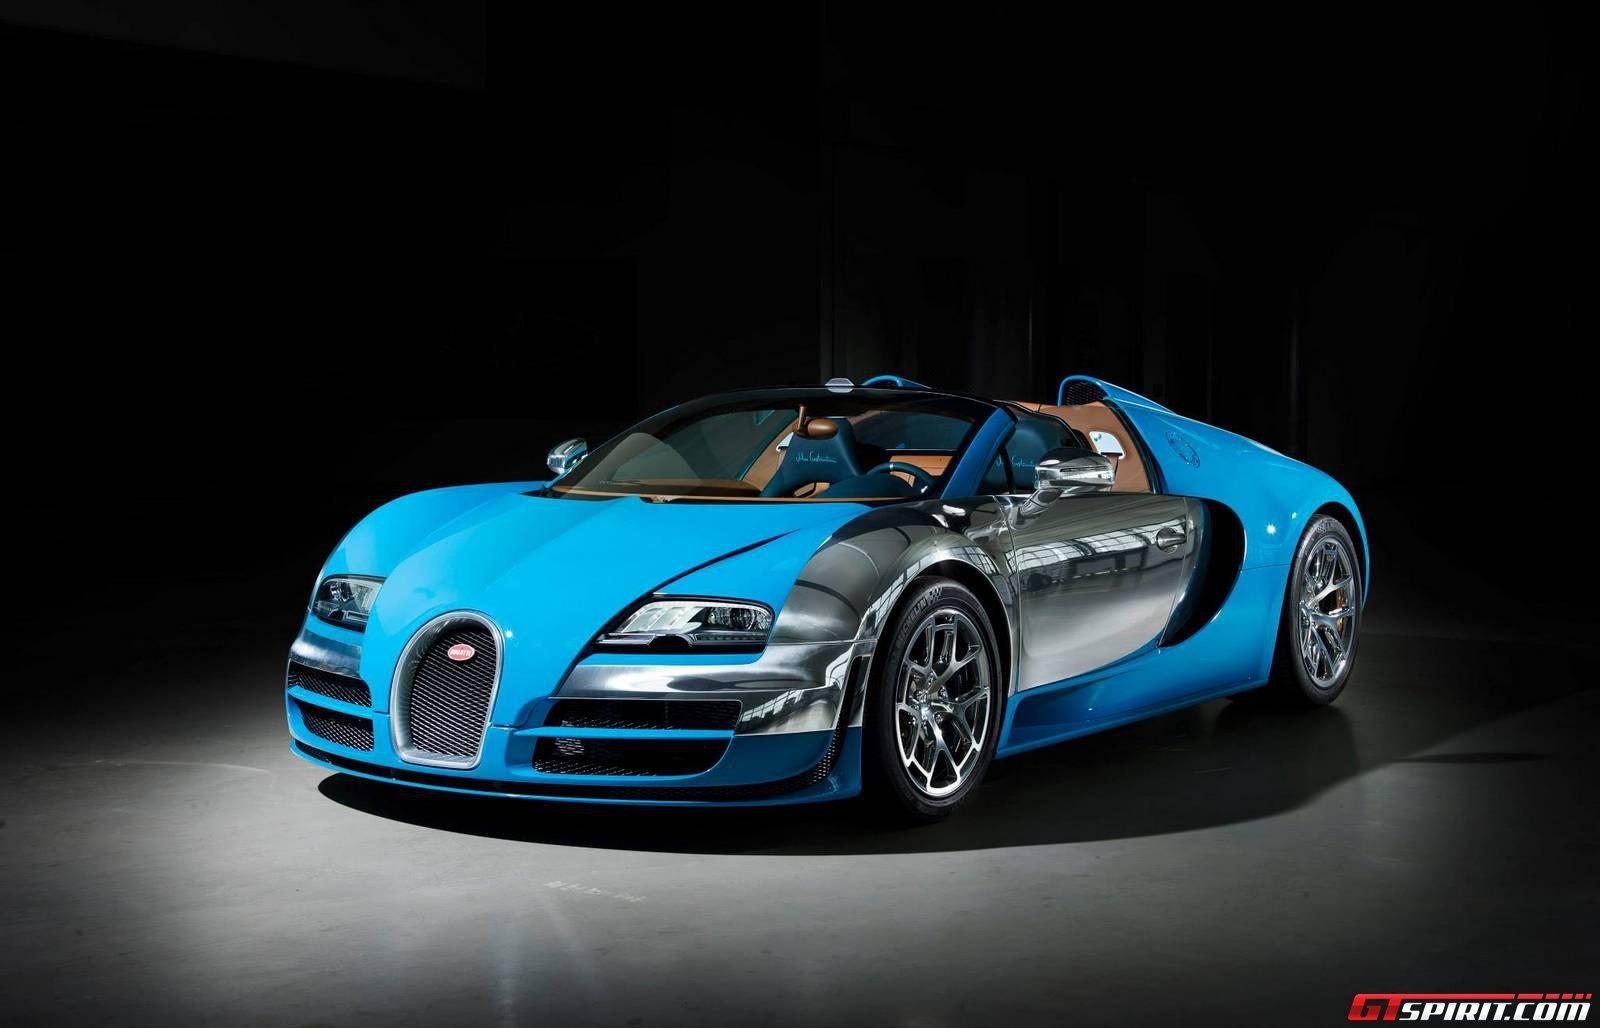 Những khoảnh khắc đáng nhớ nhất của Bugatti trong năm qua 9